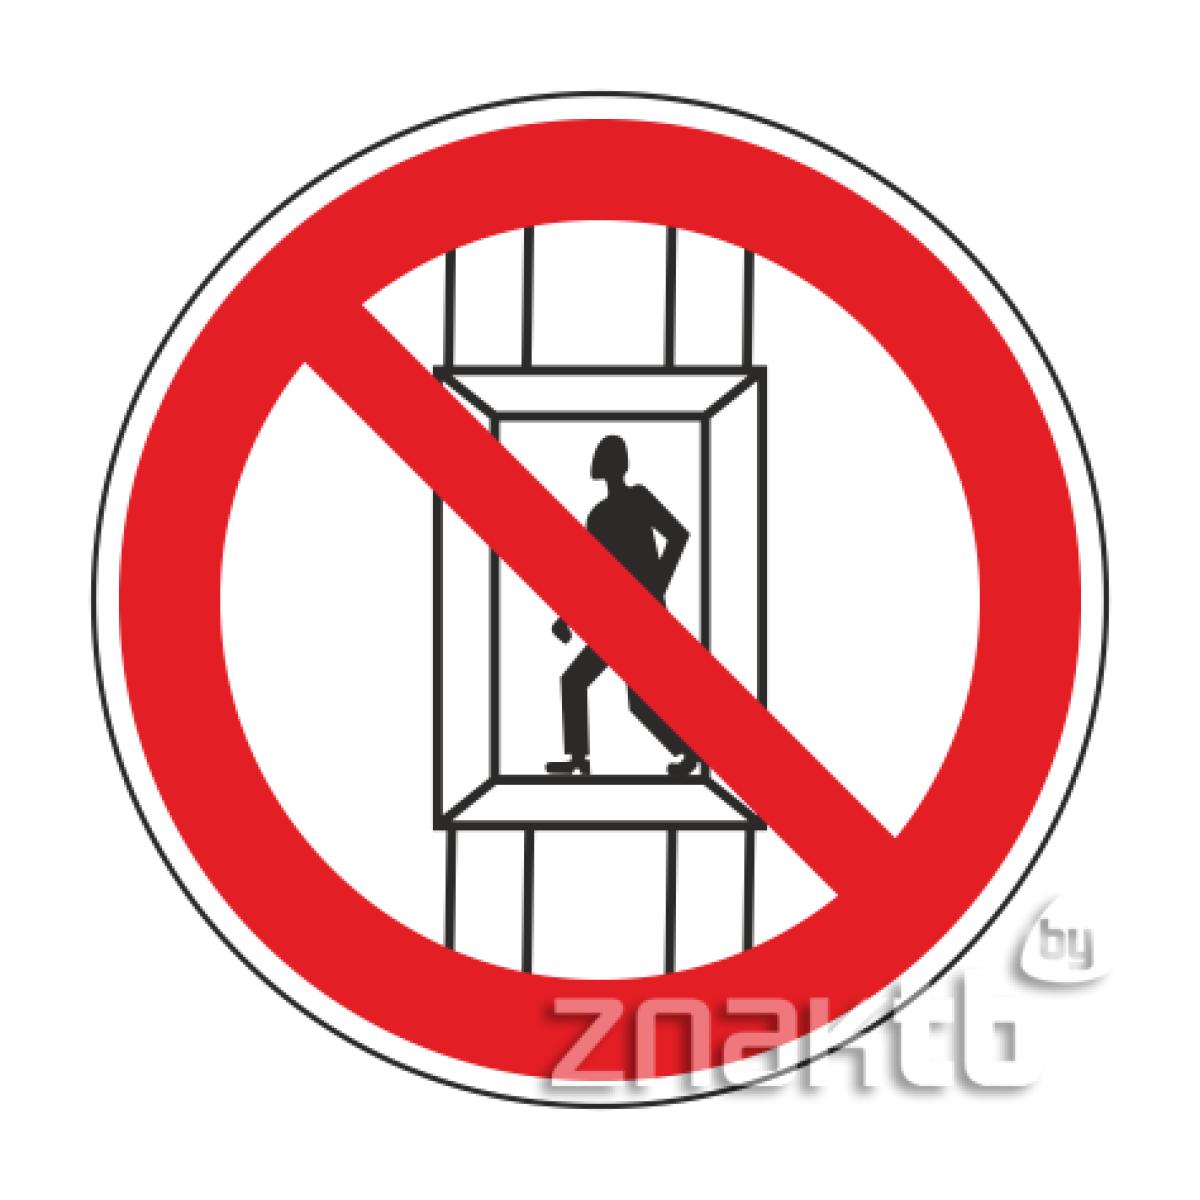 Знак Запрещается подъем (спуск) людей по шахтному стволу код Р13